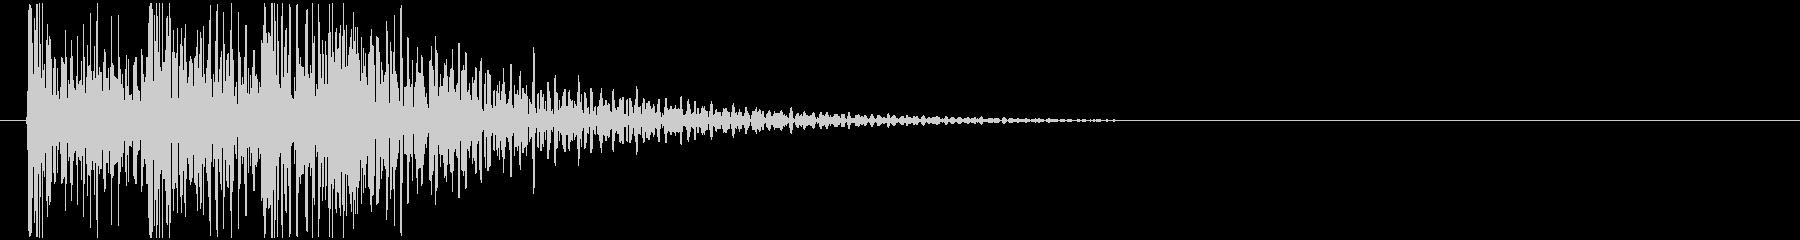 ドンドンドン! (扉をノック・3回)-Aの未再生の波形